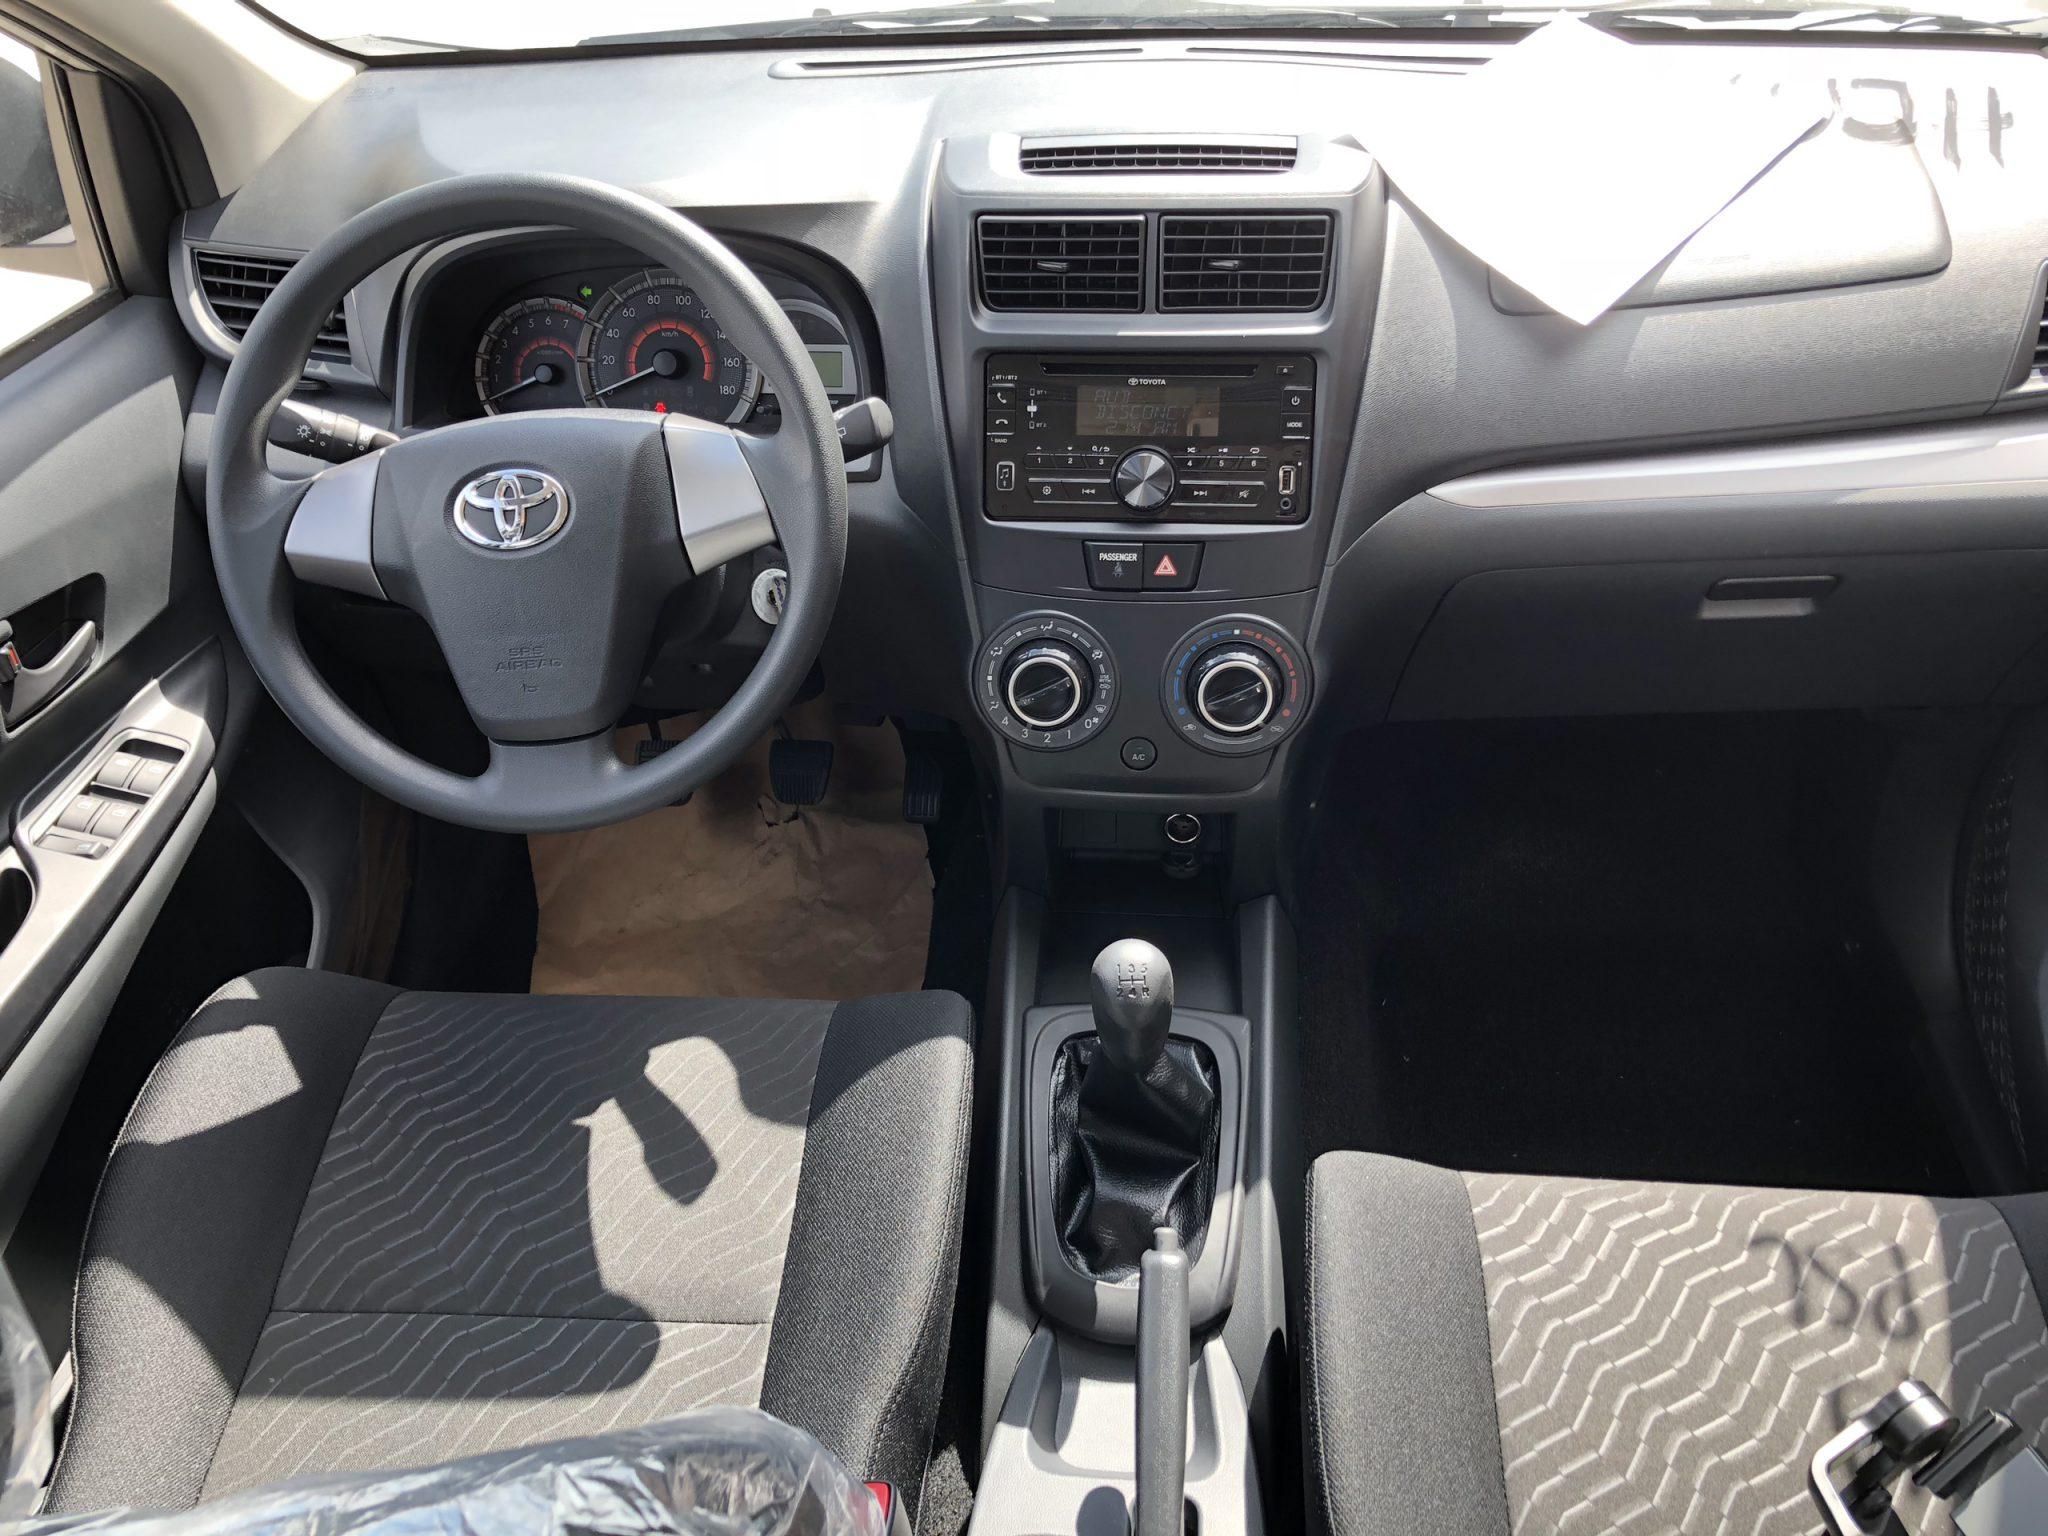 Toyota Avanza 1.3 MT ảnh 9 - Avanza 1.3 MT [hienthinam] (số sàn): giá xe và khuyến mãi